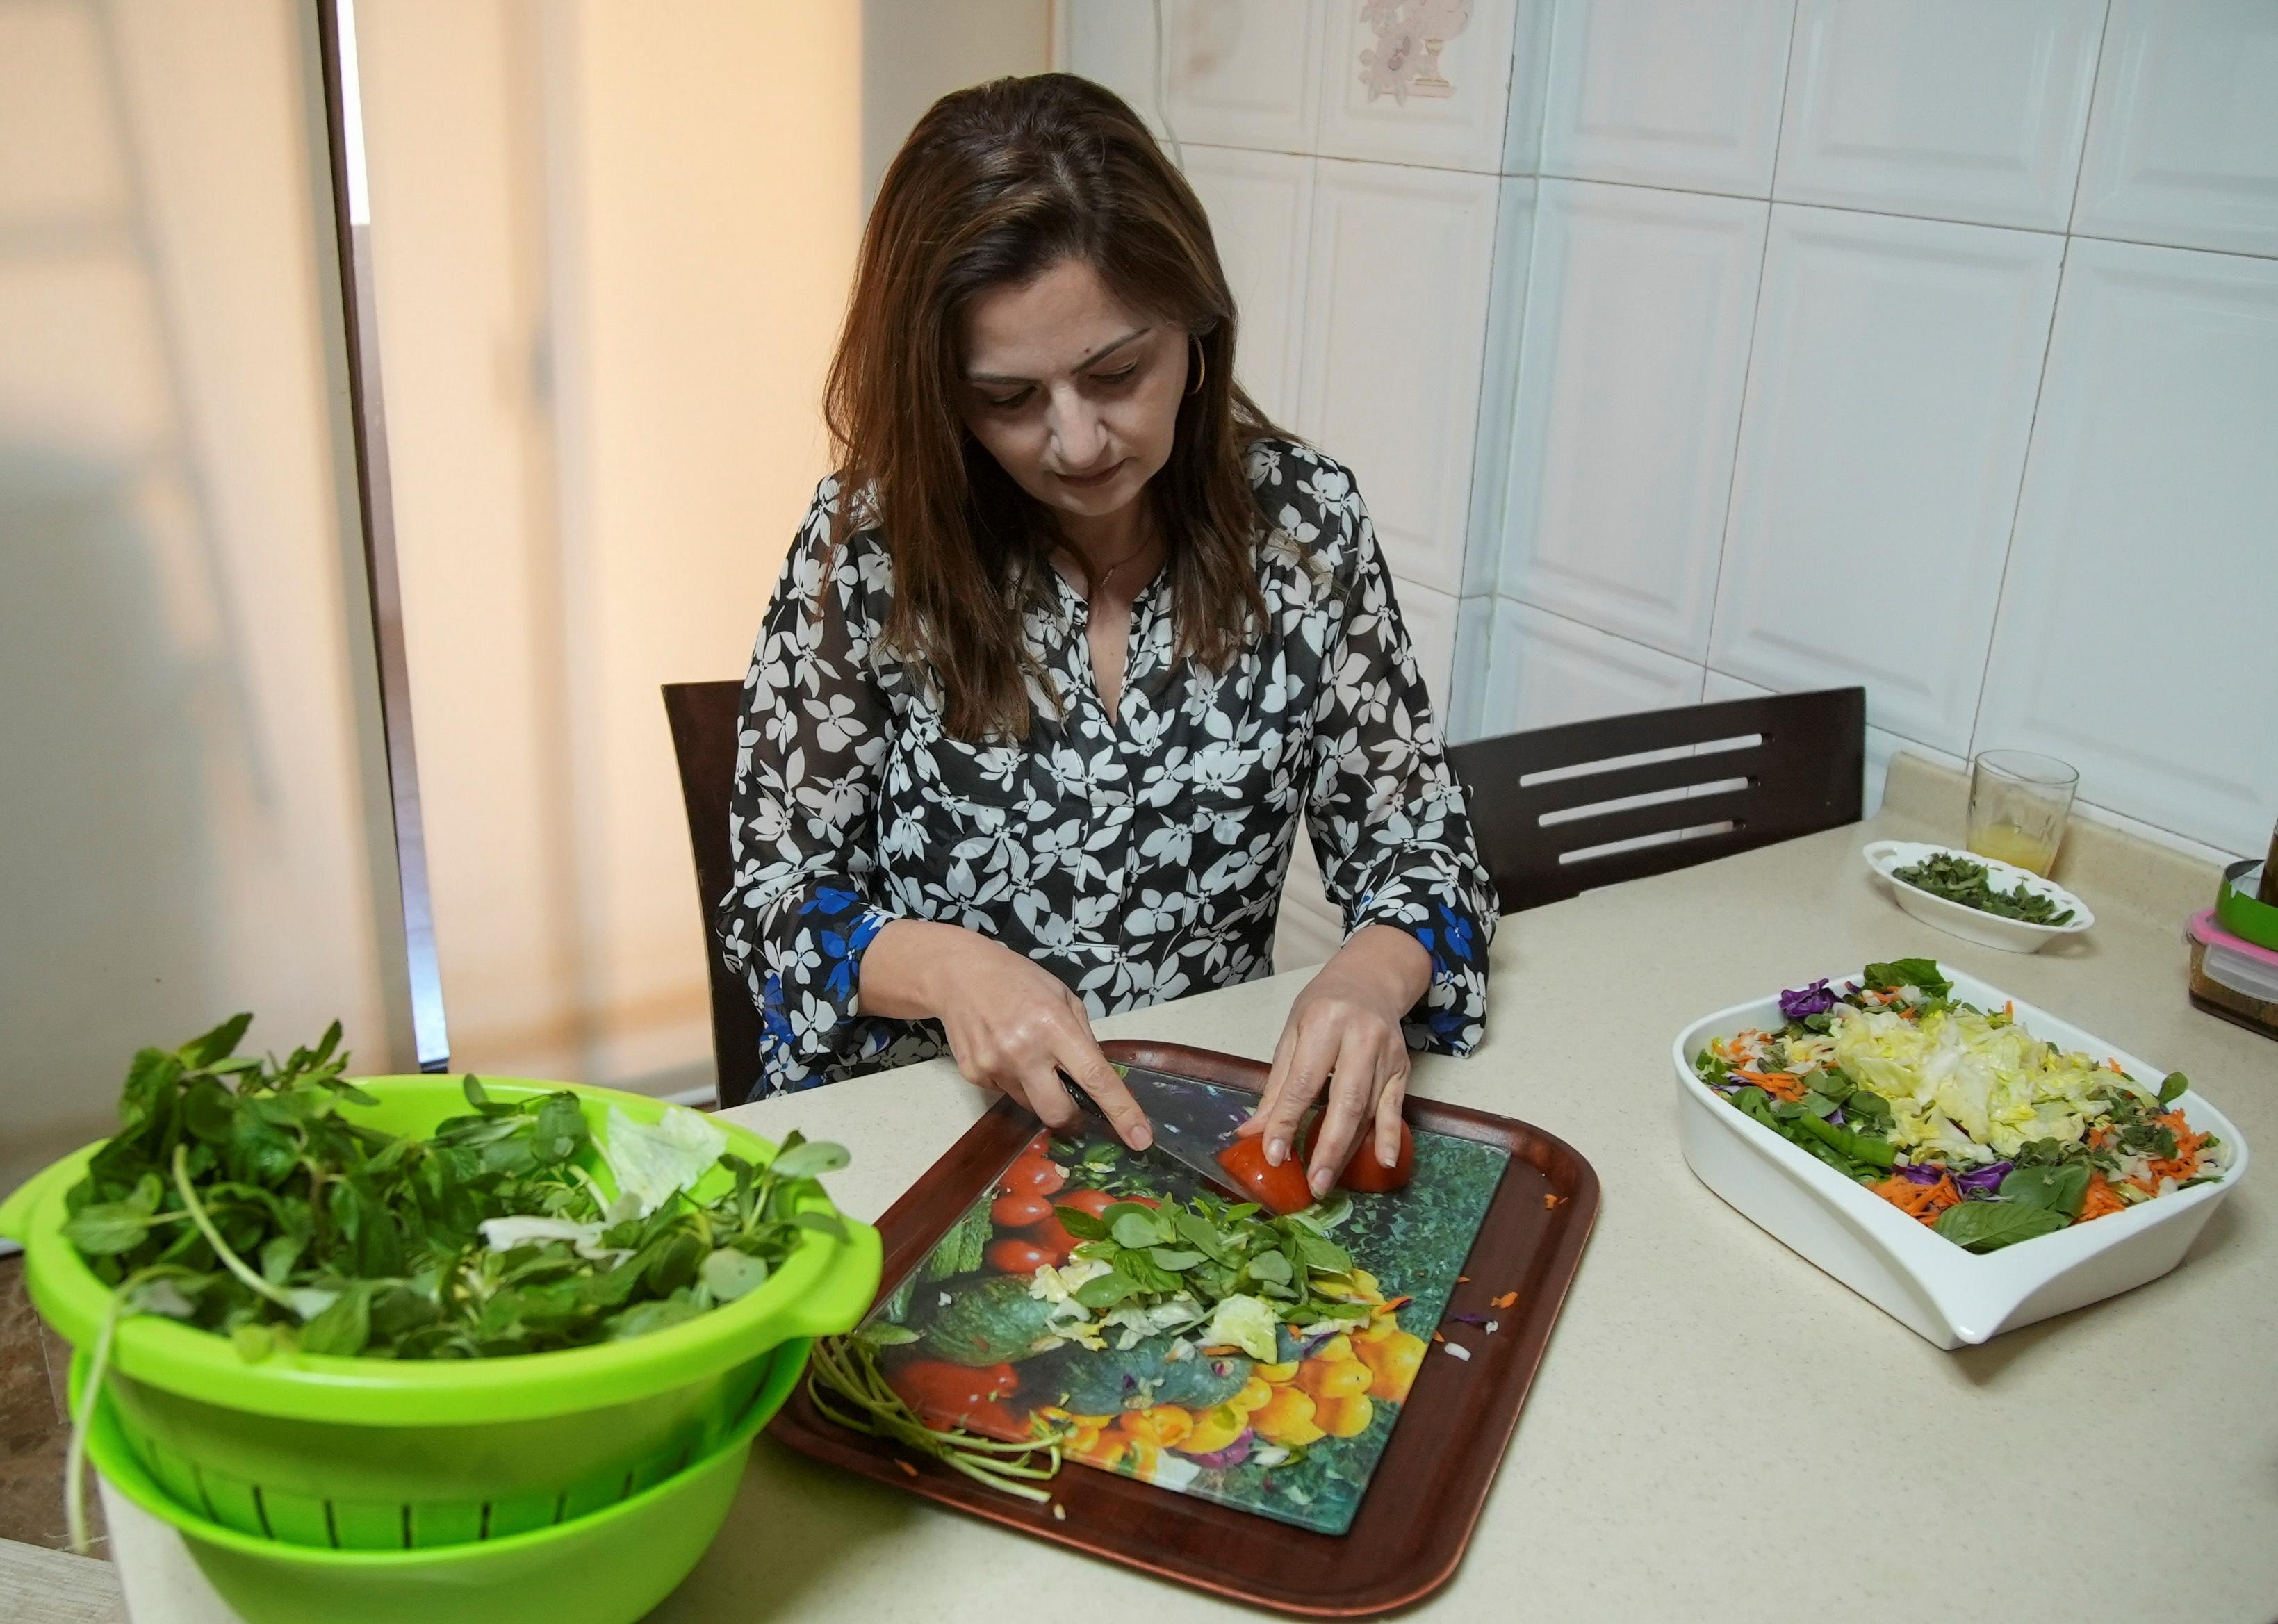 Hala Sheikh bereitet Fattoush, einen beliebten Salat, in ihrem Haus in Beirut, Libanon, am 13. April 2021 zu. REUTERS / Issam Abdallah